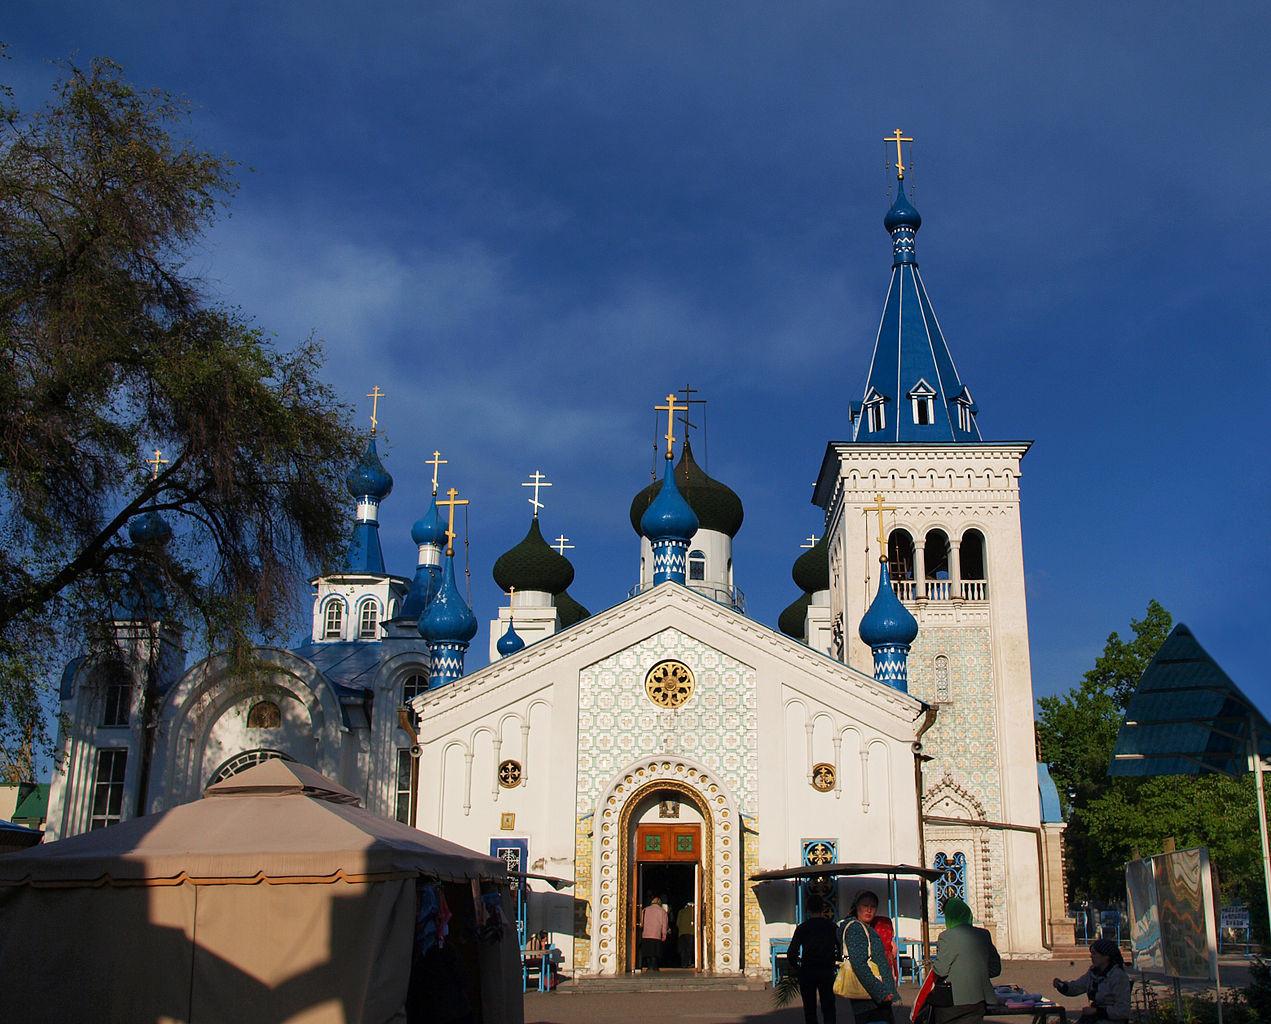 Katedrala vstajenja v Biškeku, Kirgiška SSR (danes država Kirgizija), zgrajena v letih 1944-47